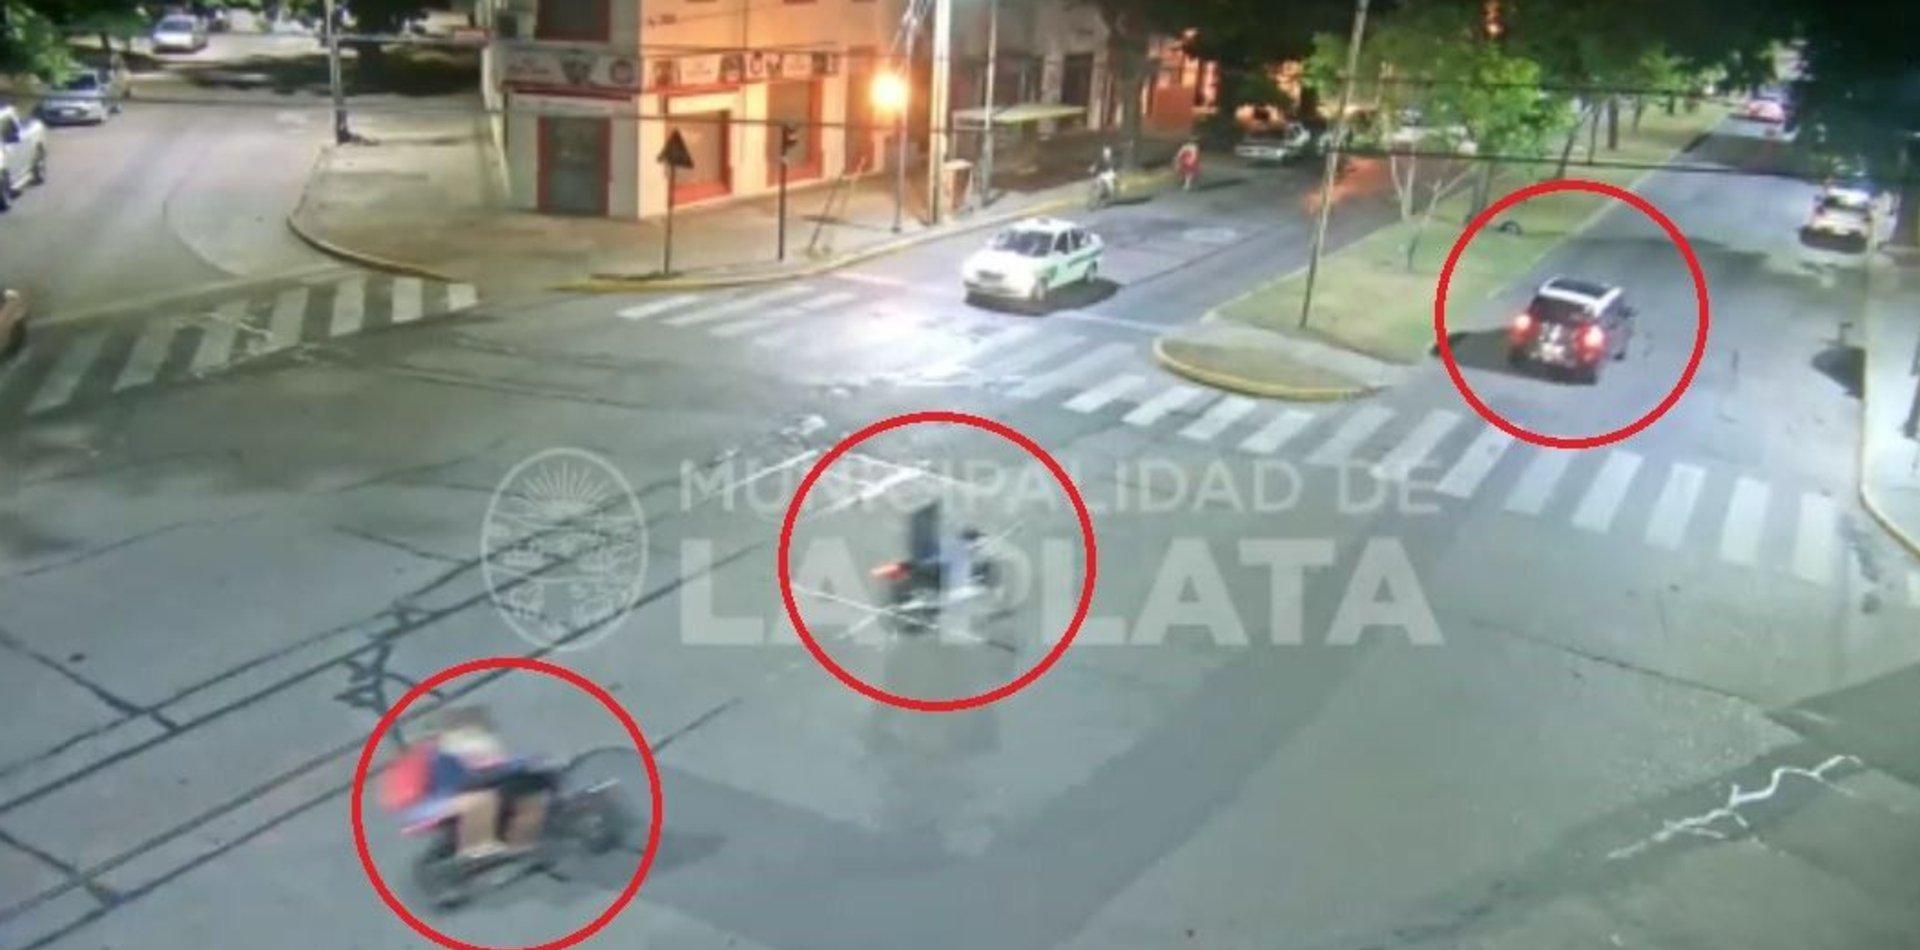 Minuto a minuto, la cronología del caso Piparo en La Plata